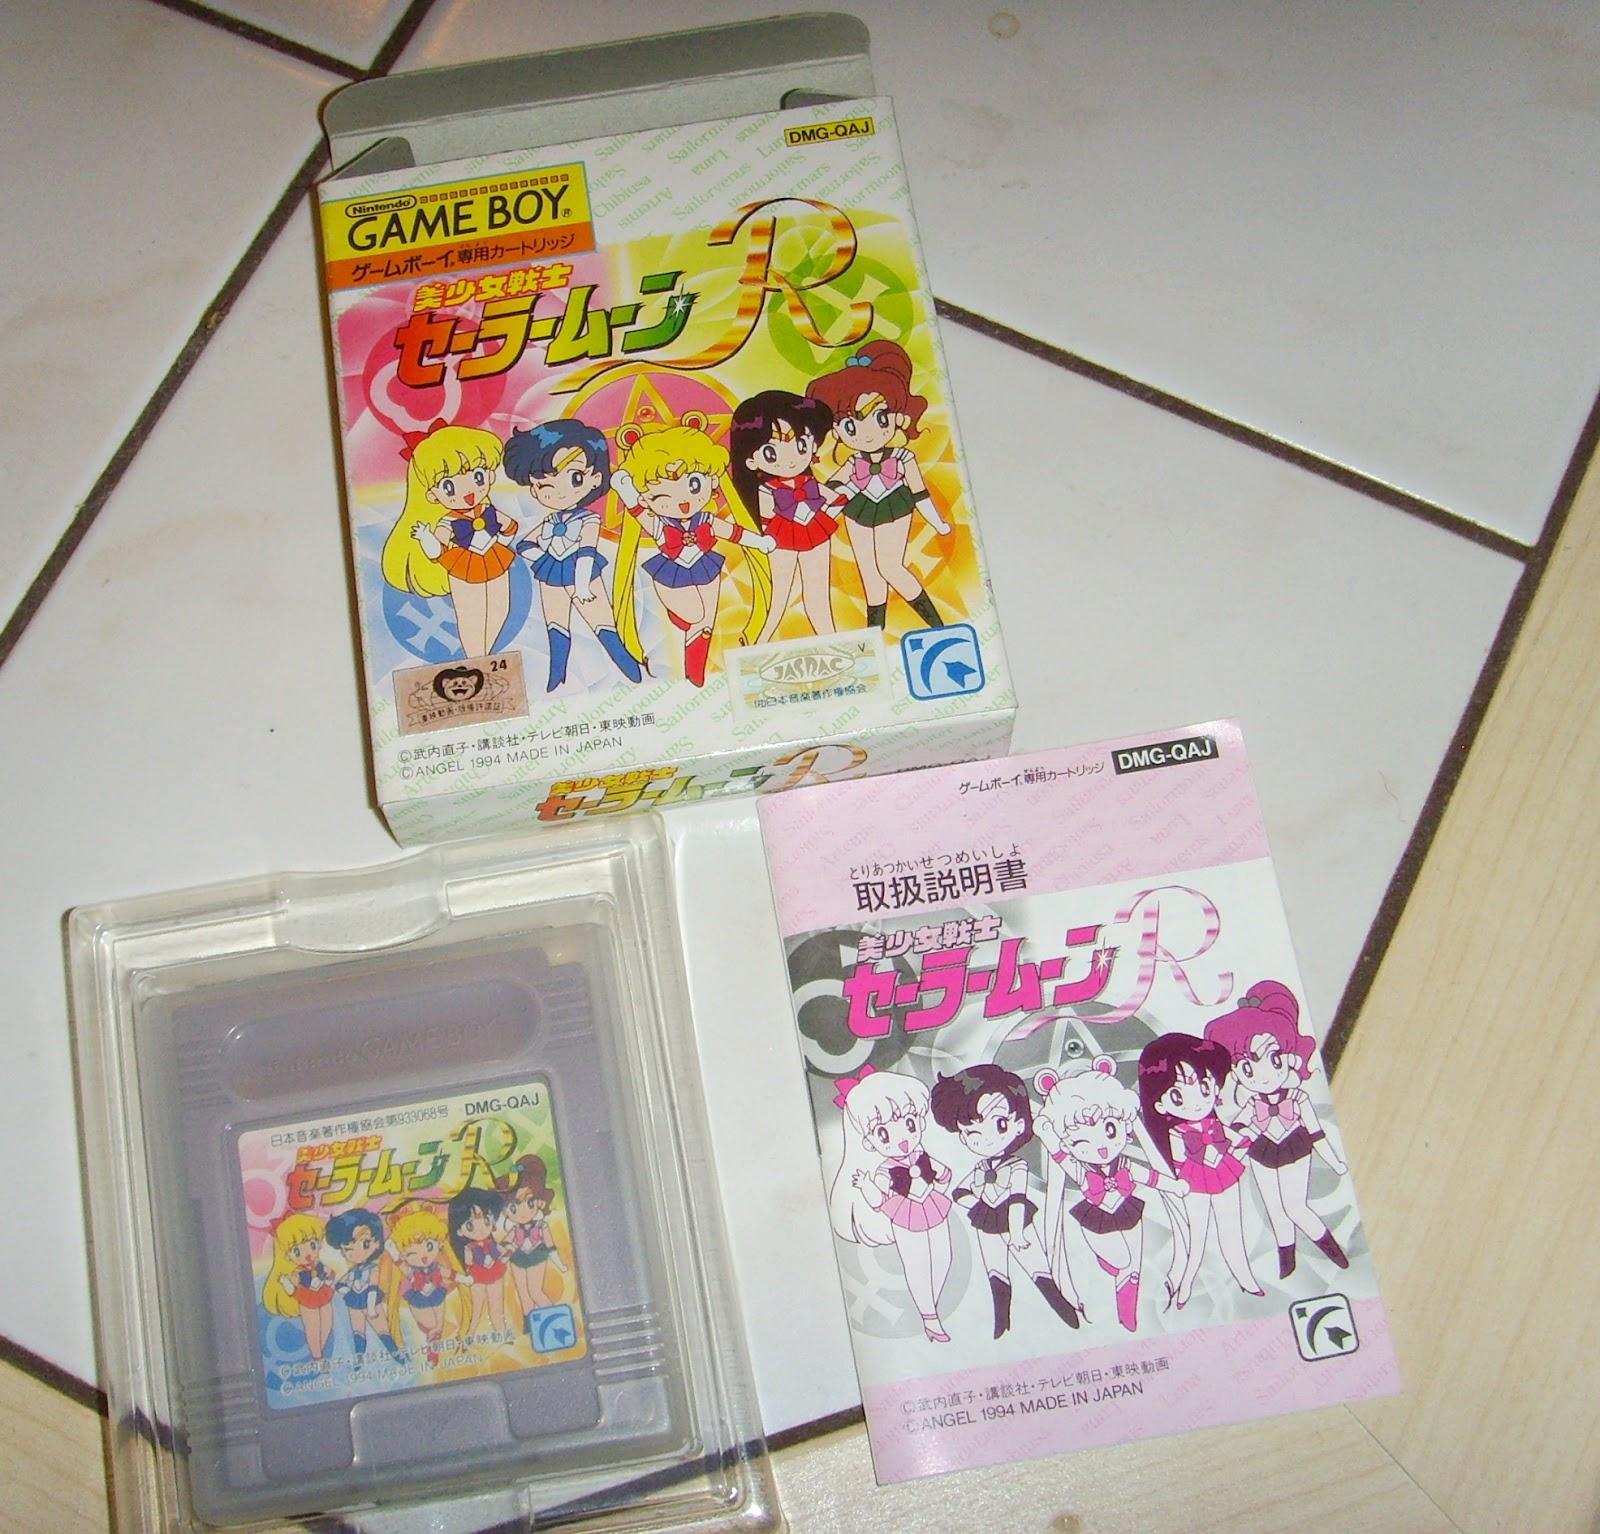 Japanspel Blog: Bishoujo Senshi Sailor Moon R For Game Boy